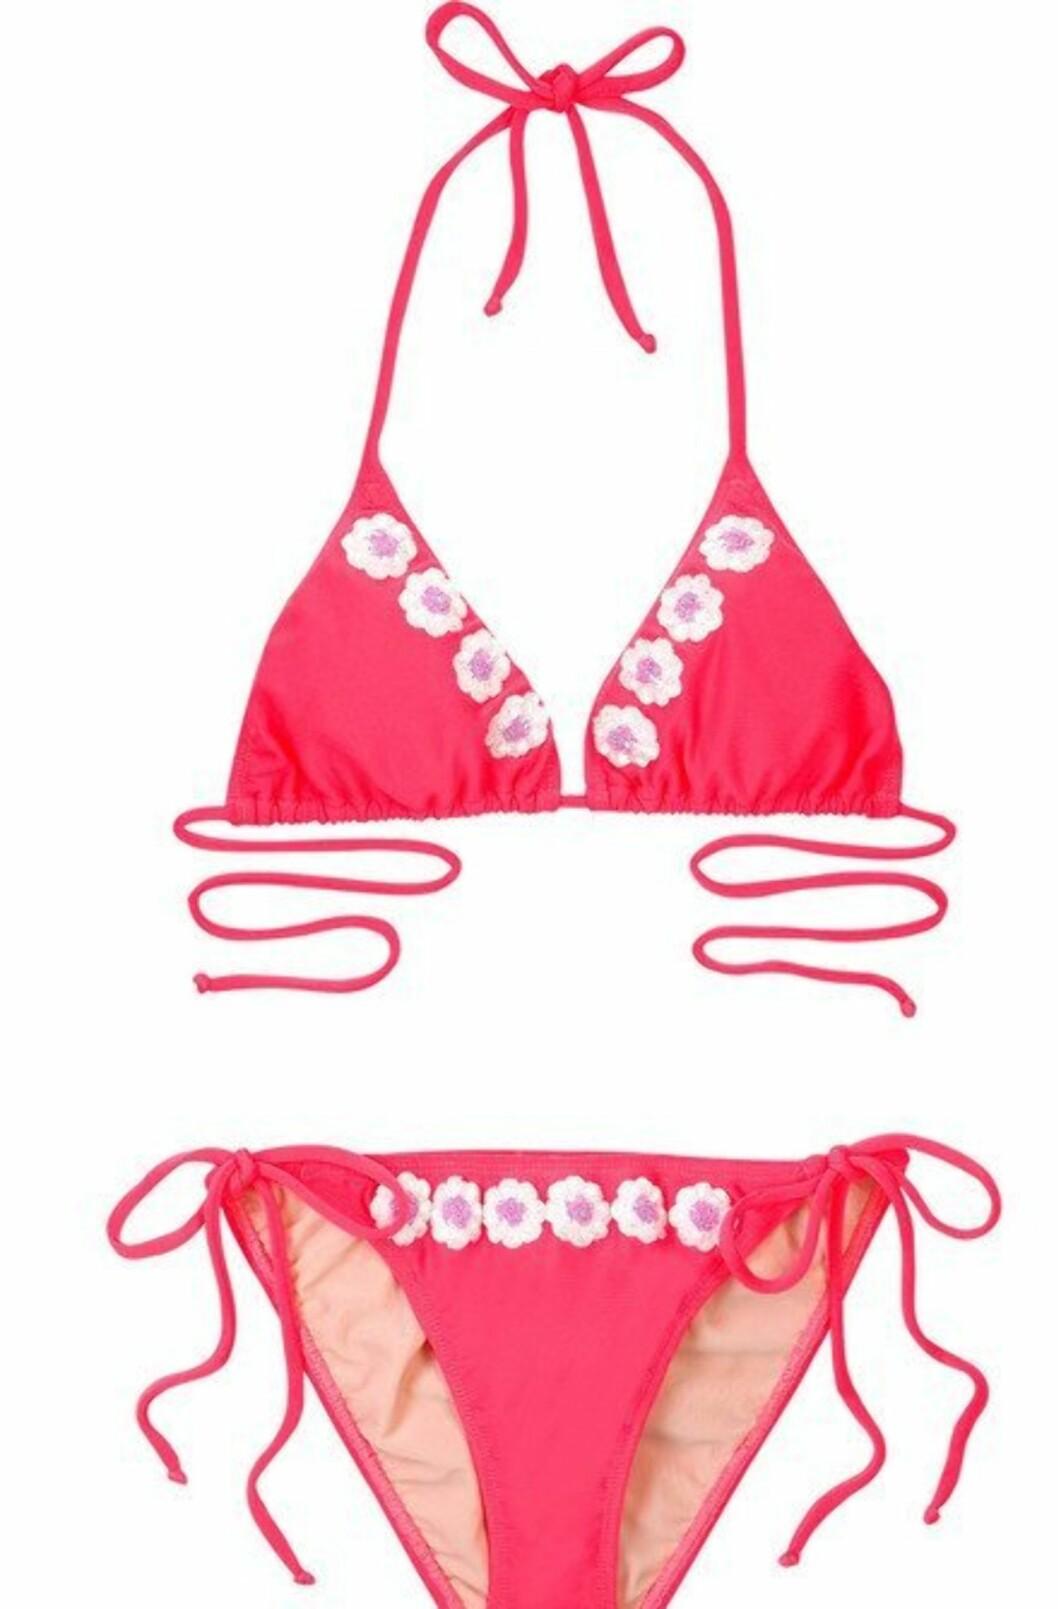 BLOMSTERBARN: Søtt i rosa (kr 2240, Tara Matthews/Netaporter.com).